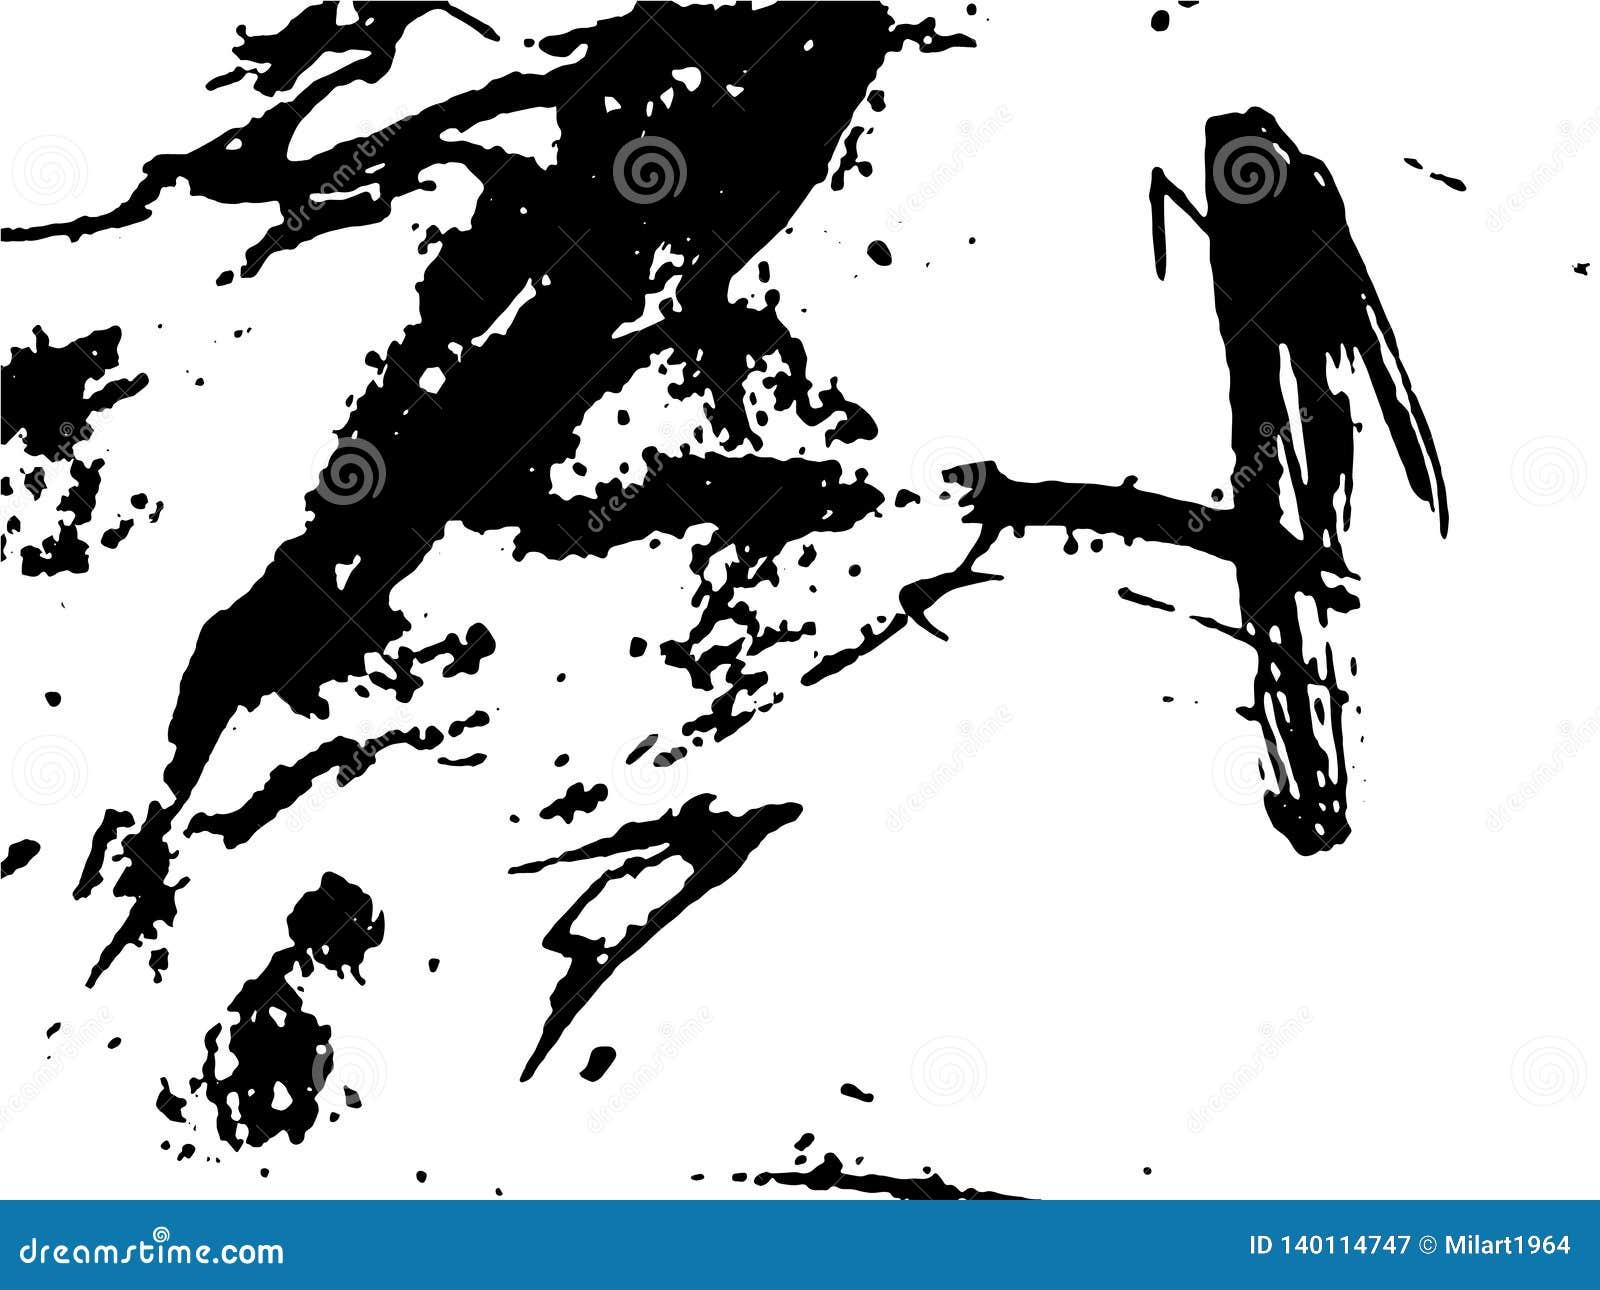 Dessin noir et blanc abstrait simple Dessin expressif Texture monochrome des courses de brosse